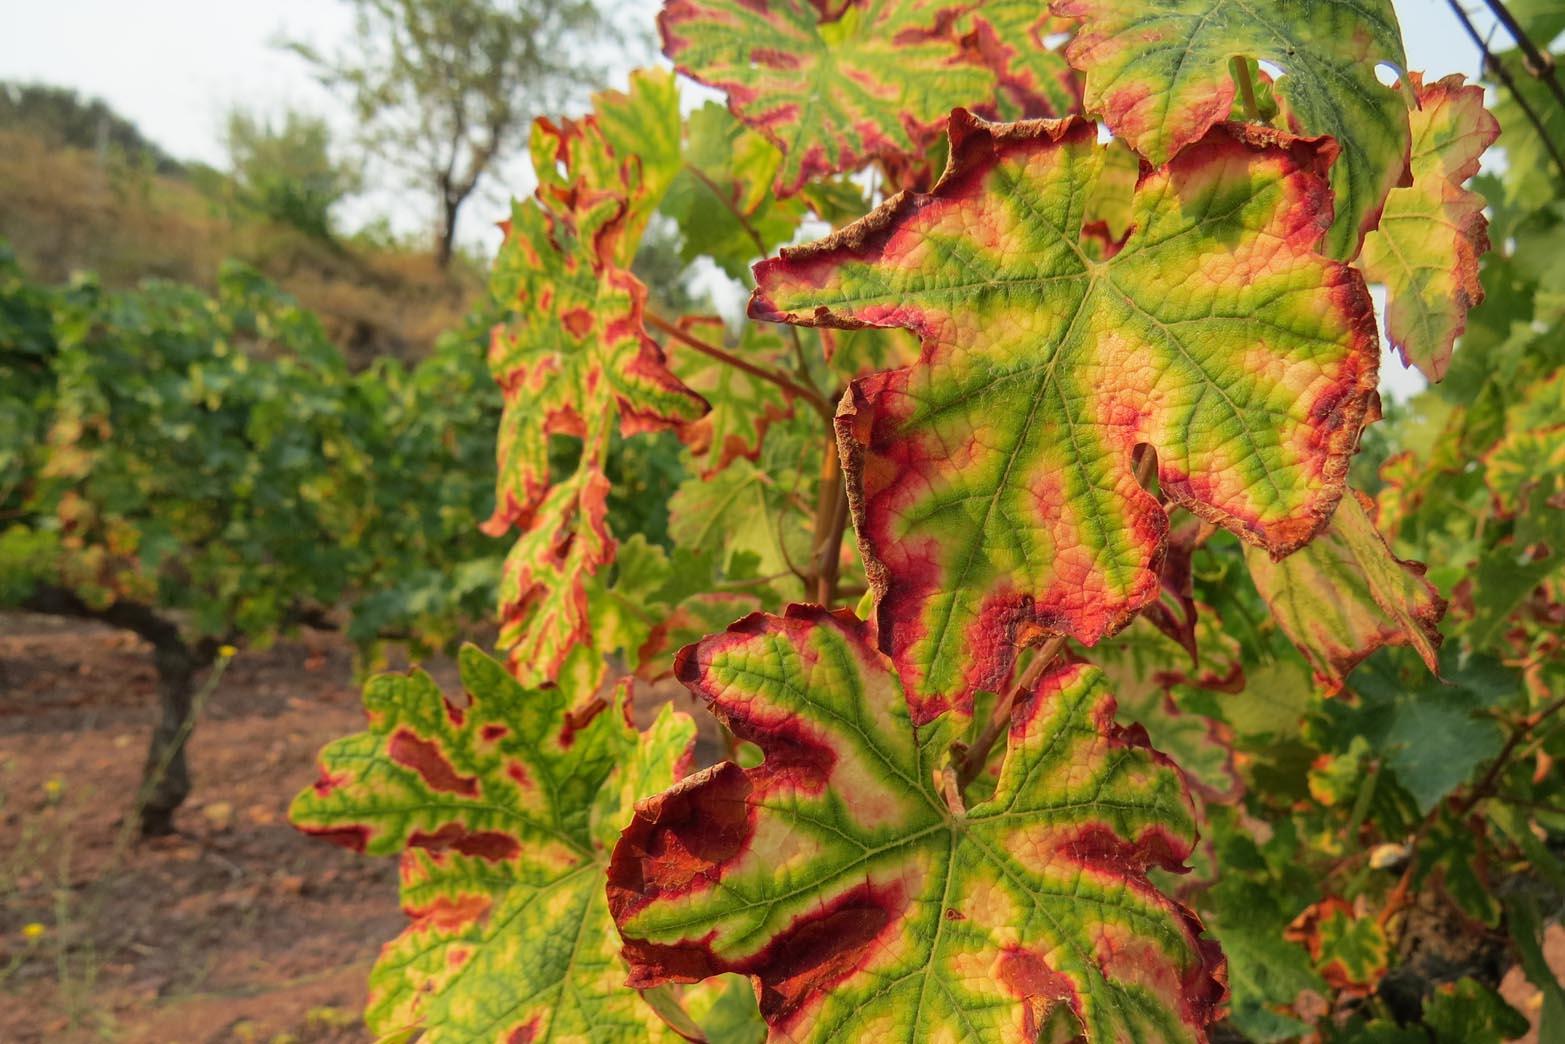 Abierto el plazo de inscripción para VinoDiversidad,dedicado a biodiversidad y cambio climático en el viñedo